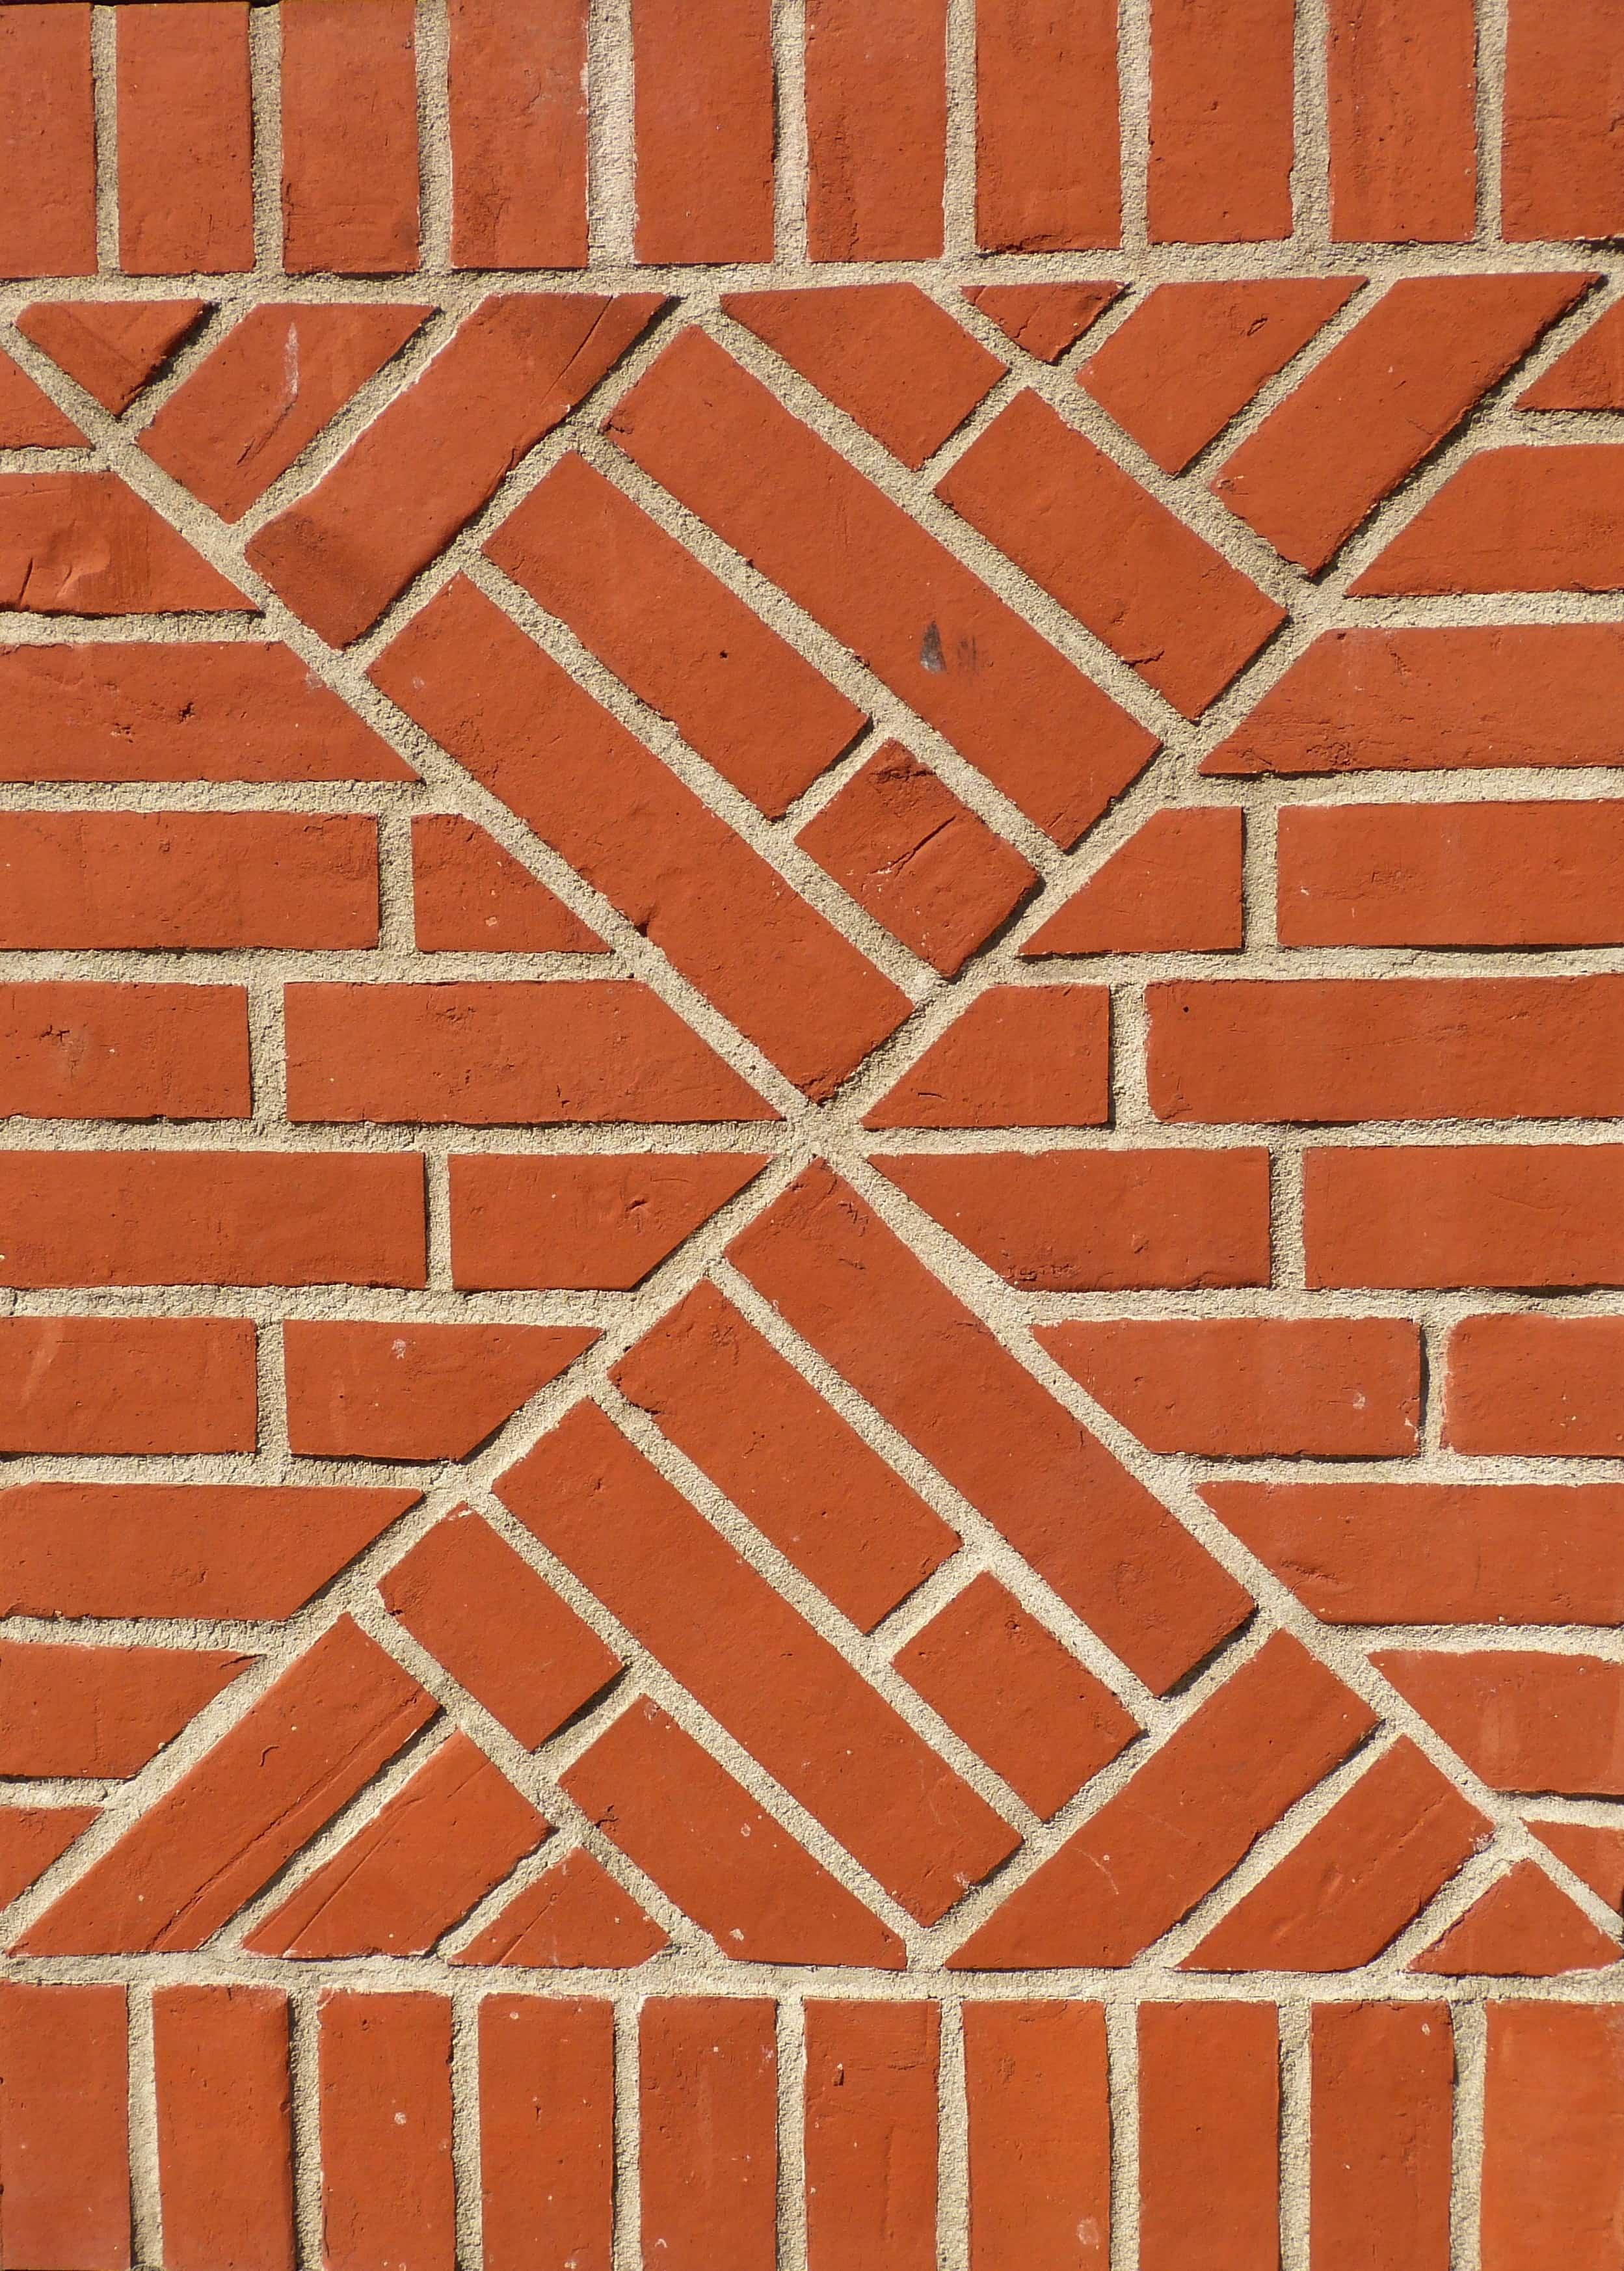 レンガに描かれた2つの三角